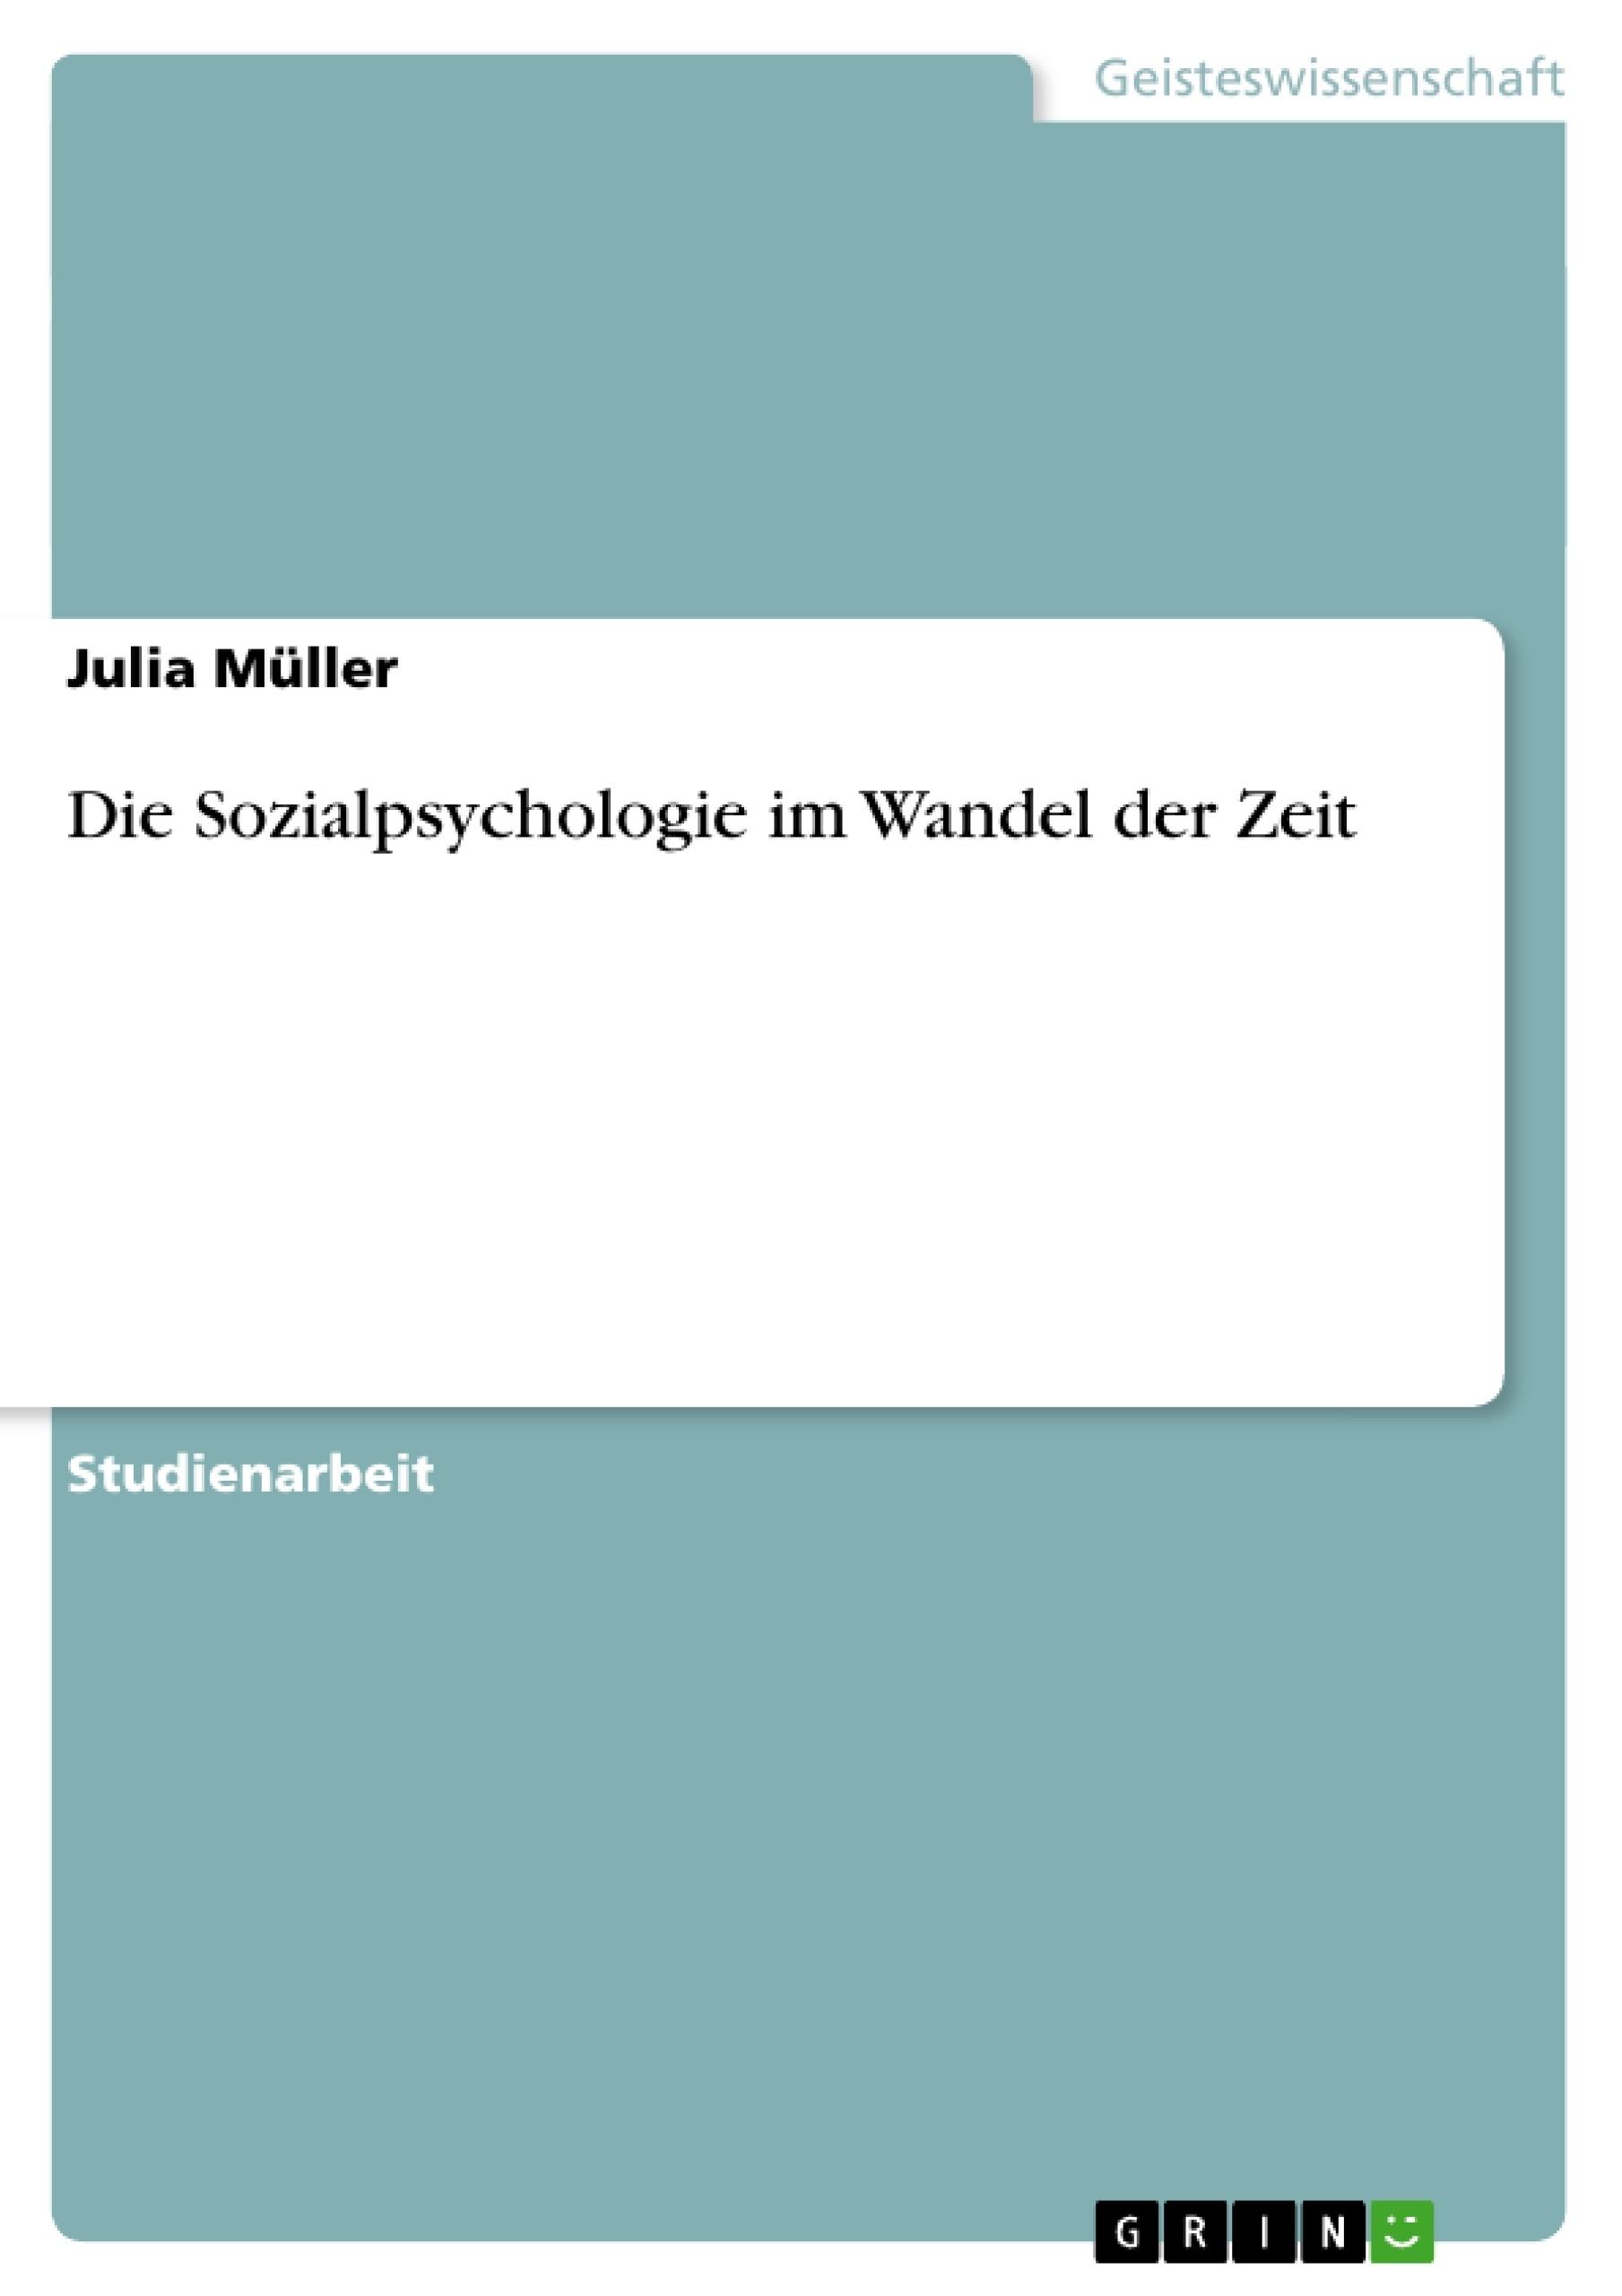 Titel: Die Sozialpsychologie im Wandel der Zeit